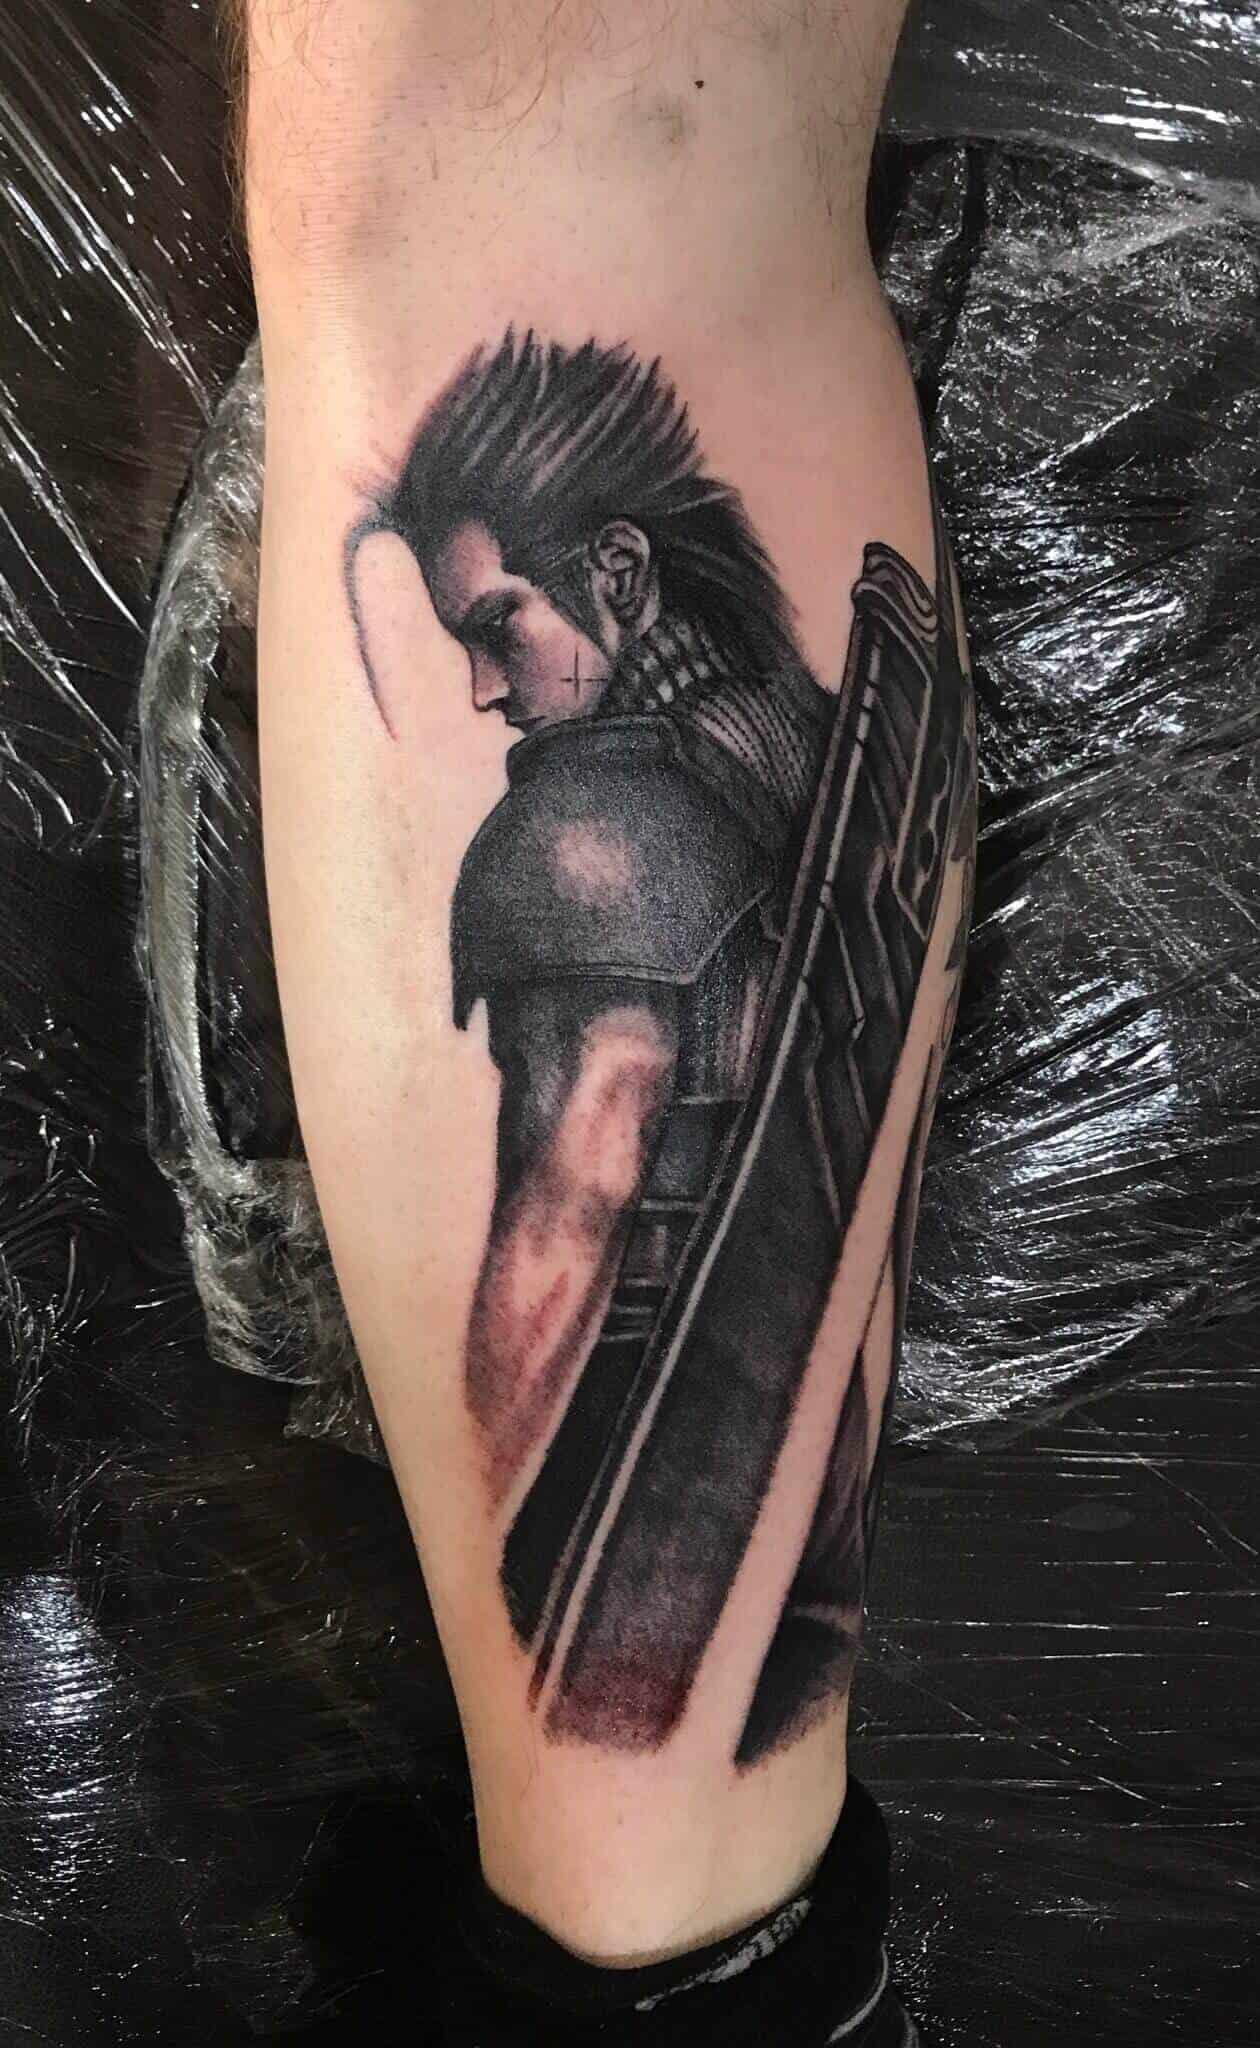 ff7 tattoo on leg